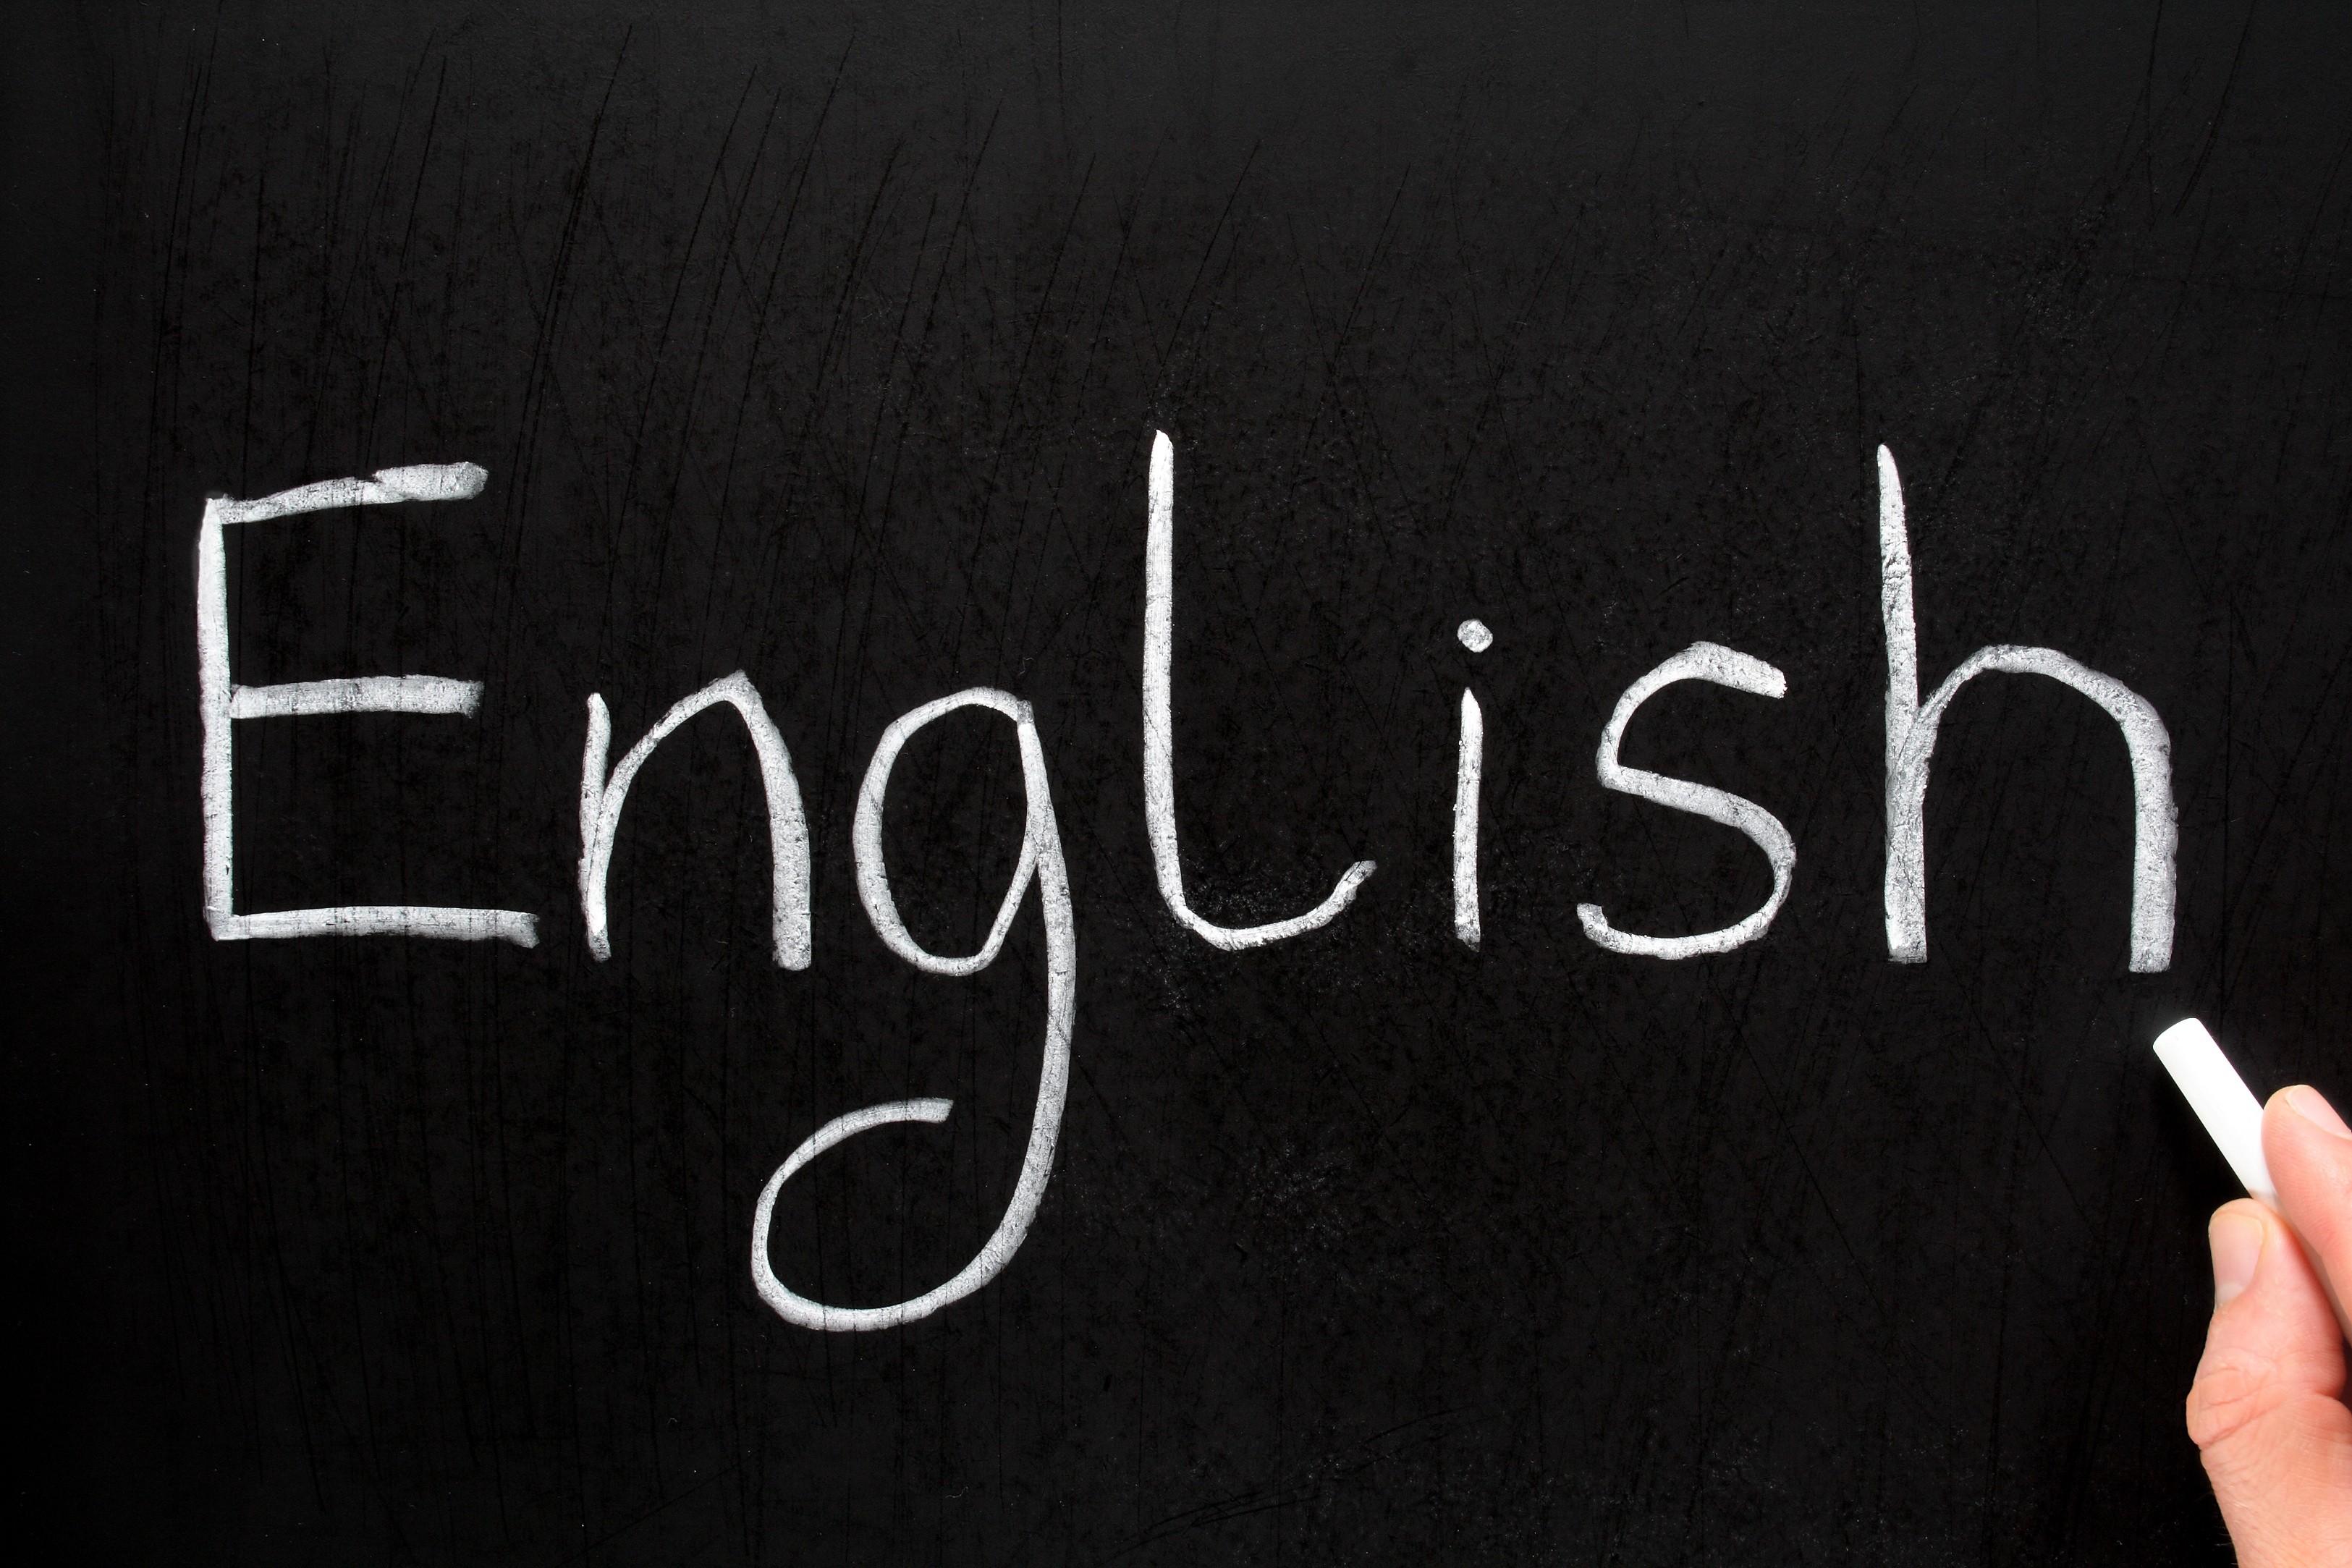 Ждала, картинка с английским языком